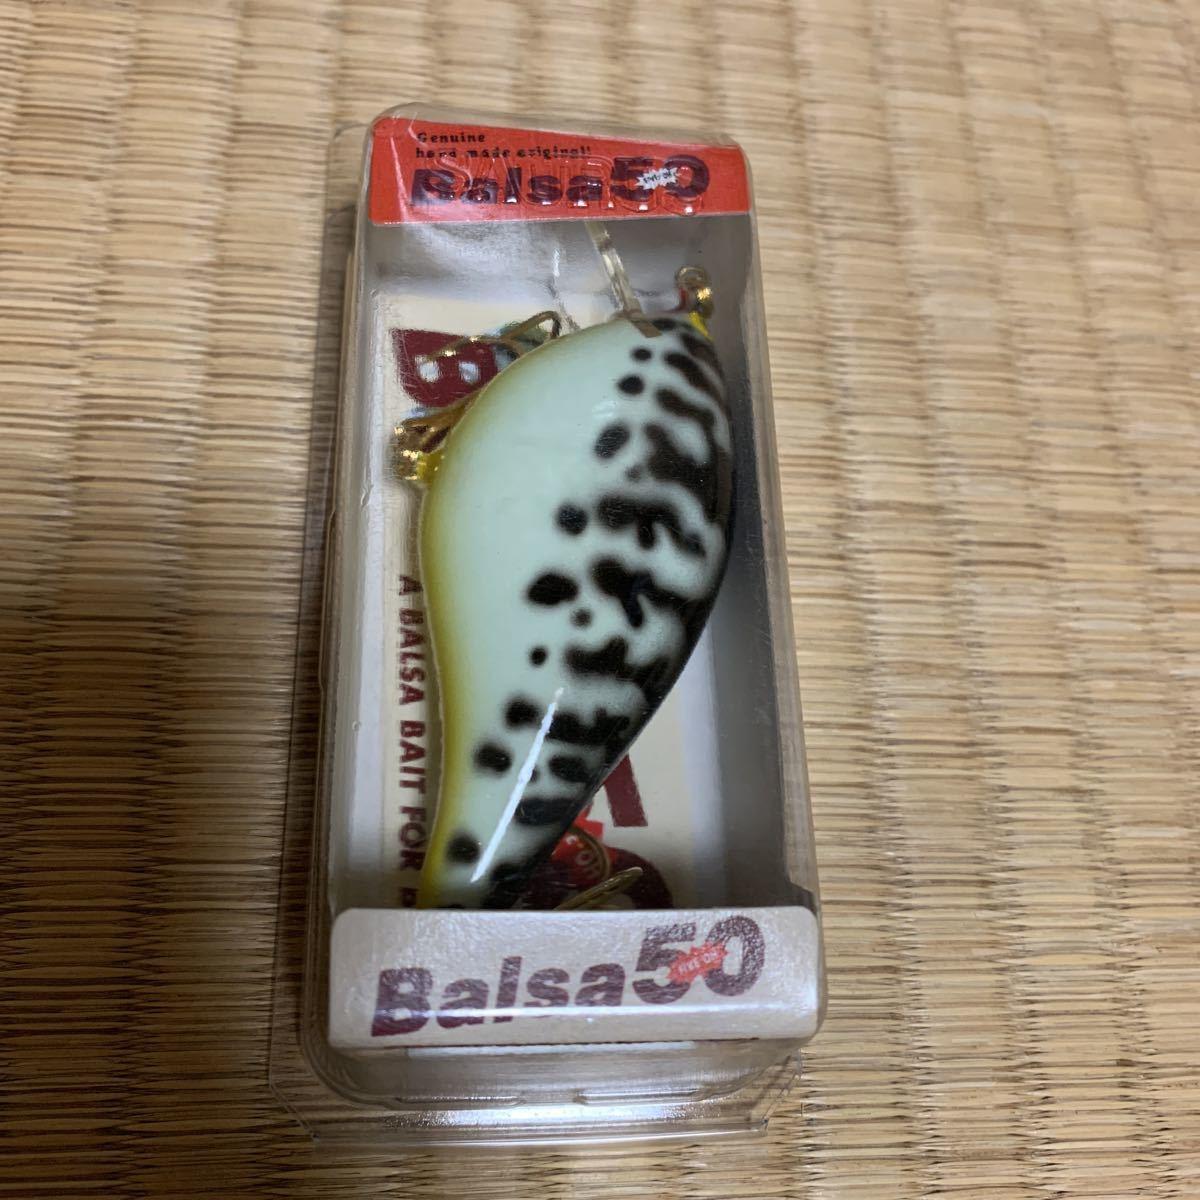 バルサ50 balsa-50 ホワイトコーチドッグ 新品未使用 オリジナル サイズ オールドold